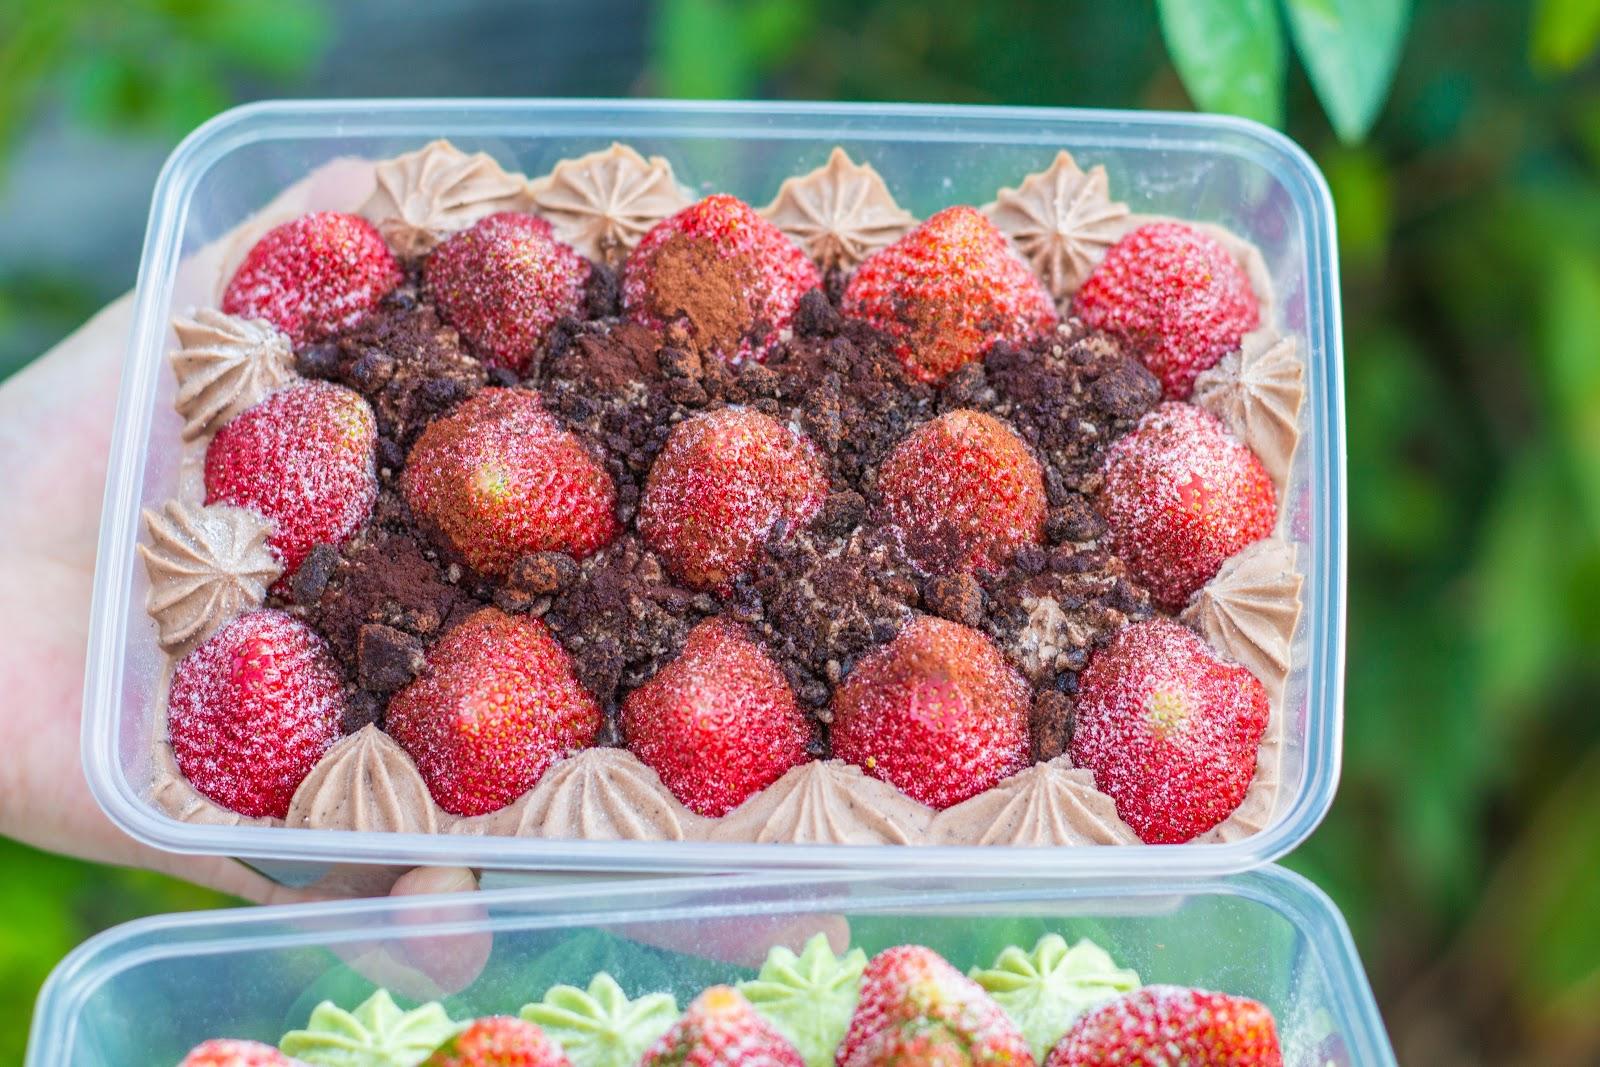 臺南草莓【貝絲貝絲】北區甜食!臺南地表最強的草莓蛋糕妳吃過了嗎?群組一開單就秒殺的神極甜點!小山園 ...